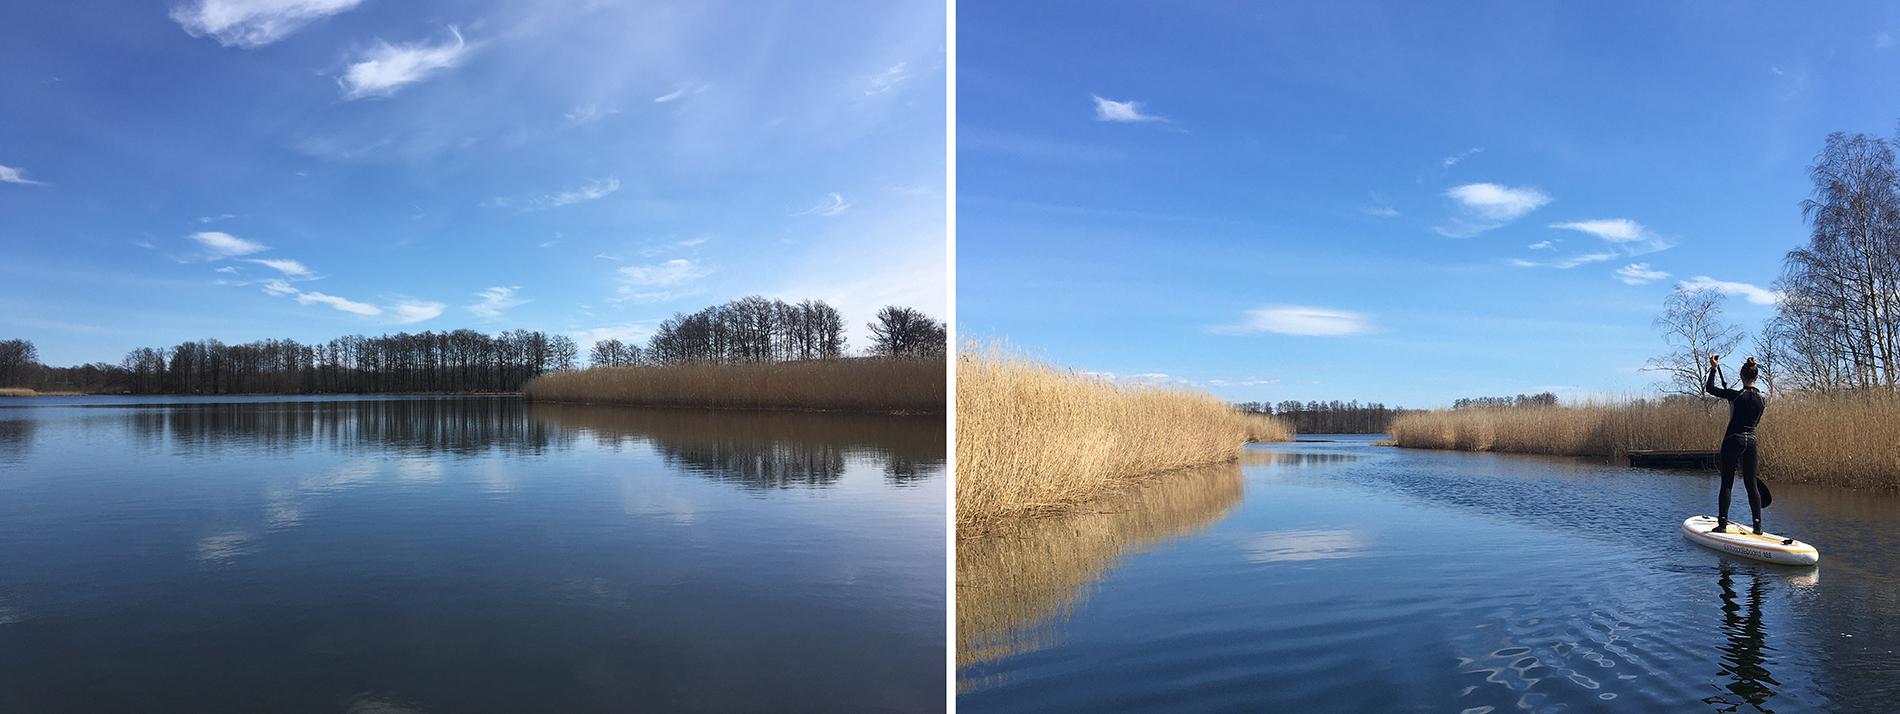 Bredasund, en del av naturreservatet Gö i Blekinge län – ett friluftsområde som består av vackra stränder, lövskog präglat av betesdjur, sällsynta djur och växter. Det används flitigt för utflykter, vandringar, bad och fiske. Foto: Emina Kovacic